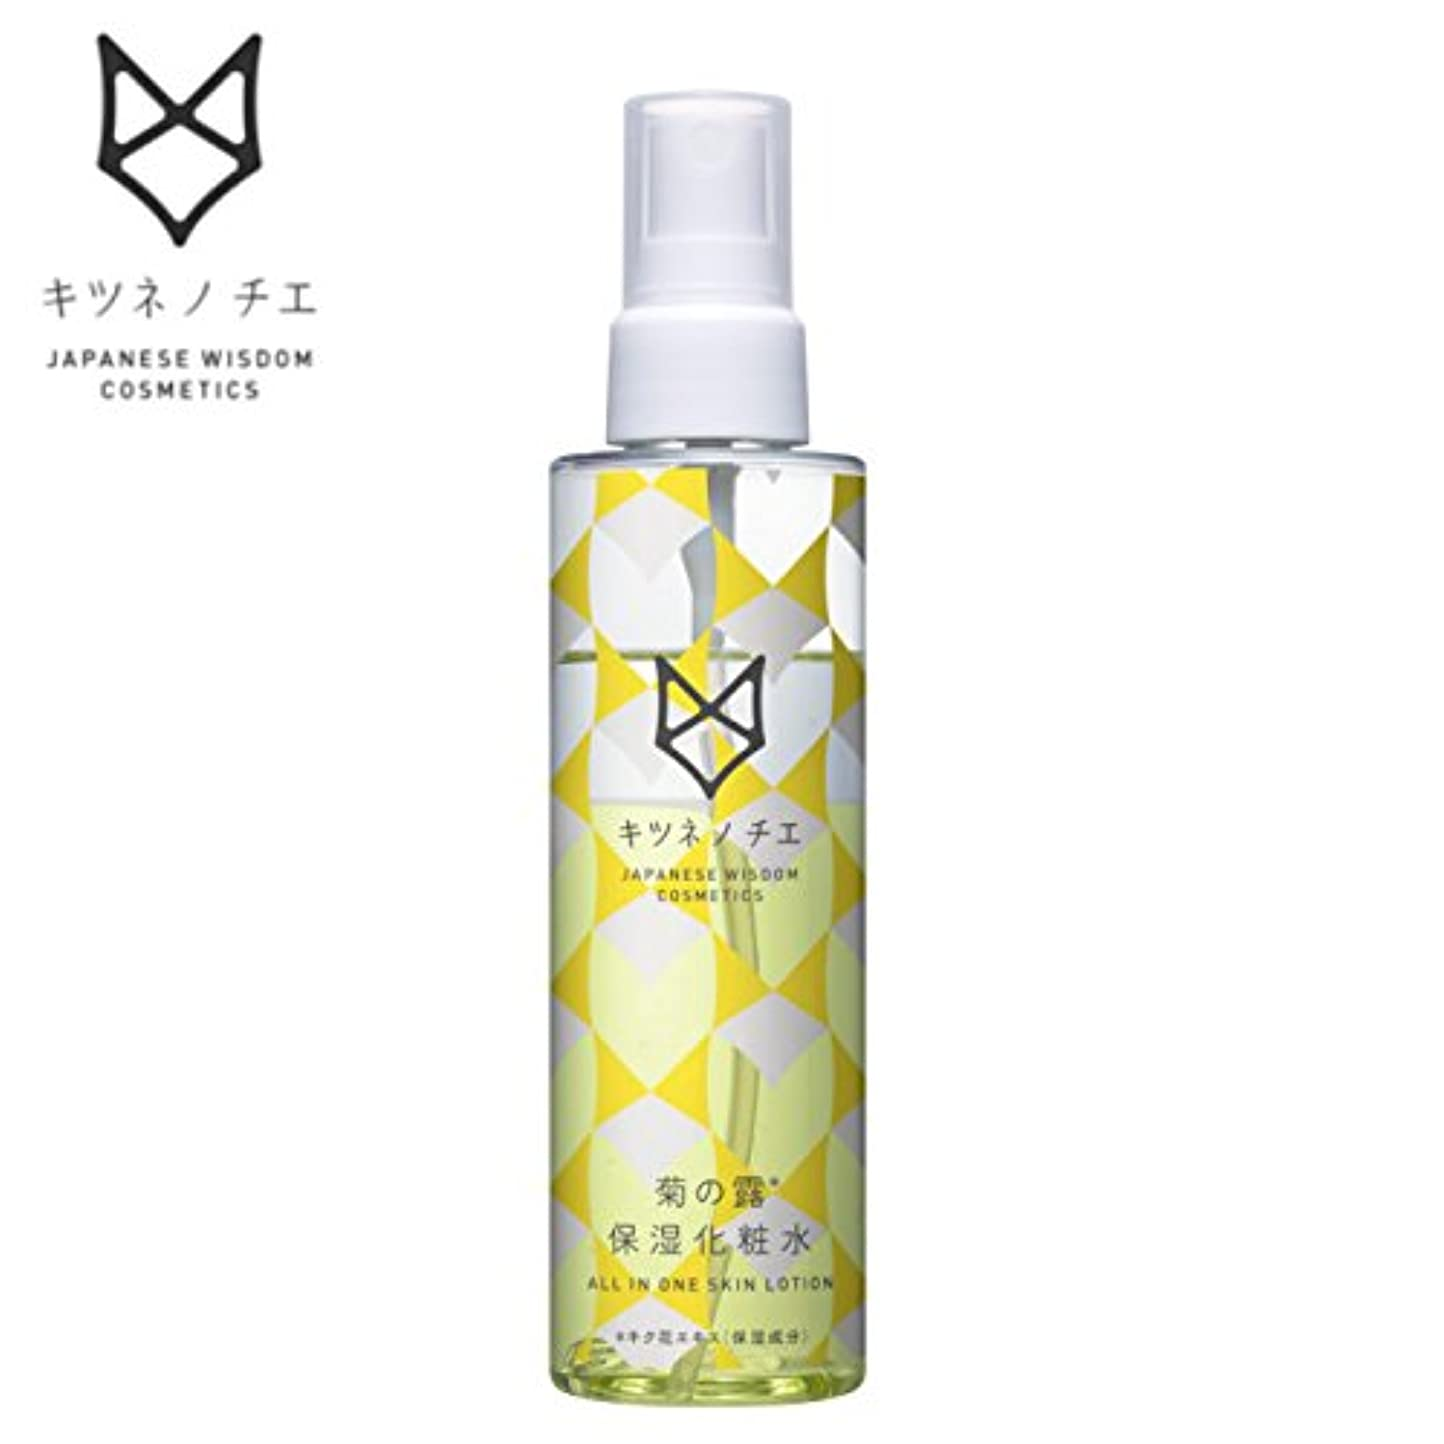 パーティー緊急キャリッジキツネノチエ 菊の露 保湿化粧水